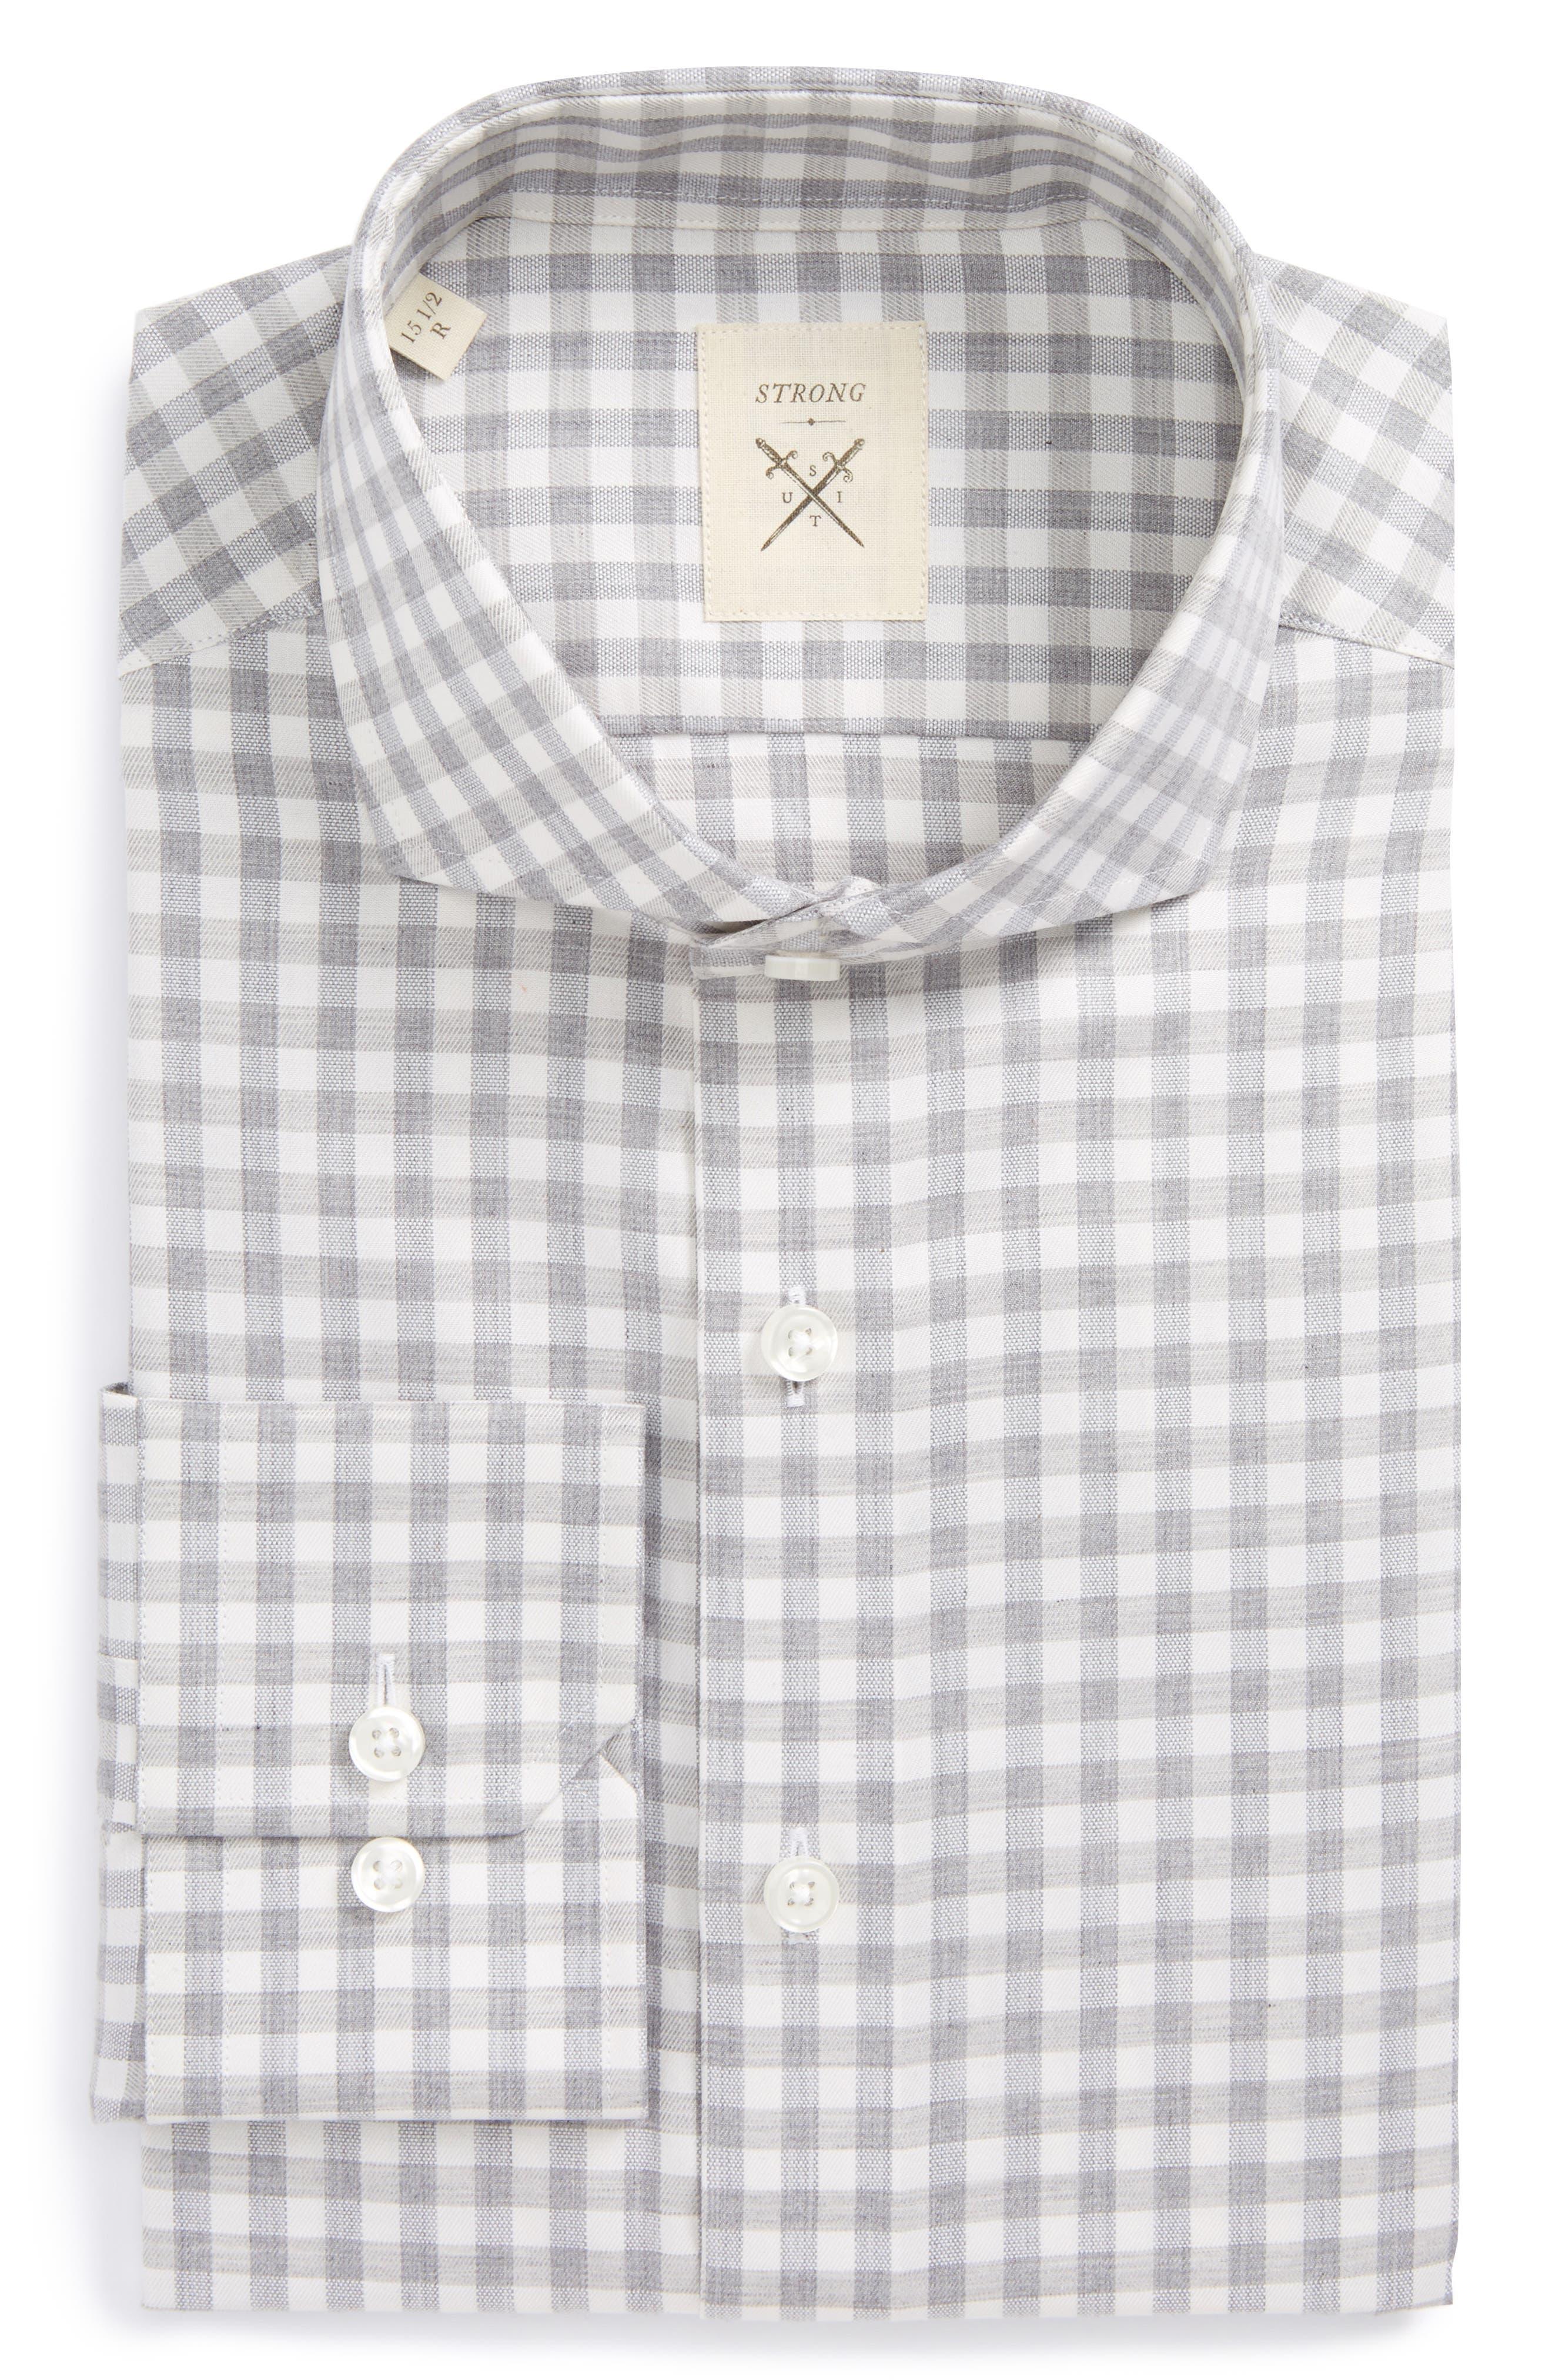 Extra Trim Fit Check Dress Shirt,                         Main,                         color, 034